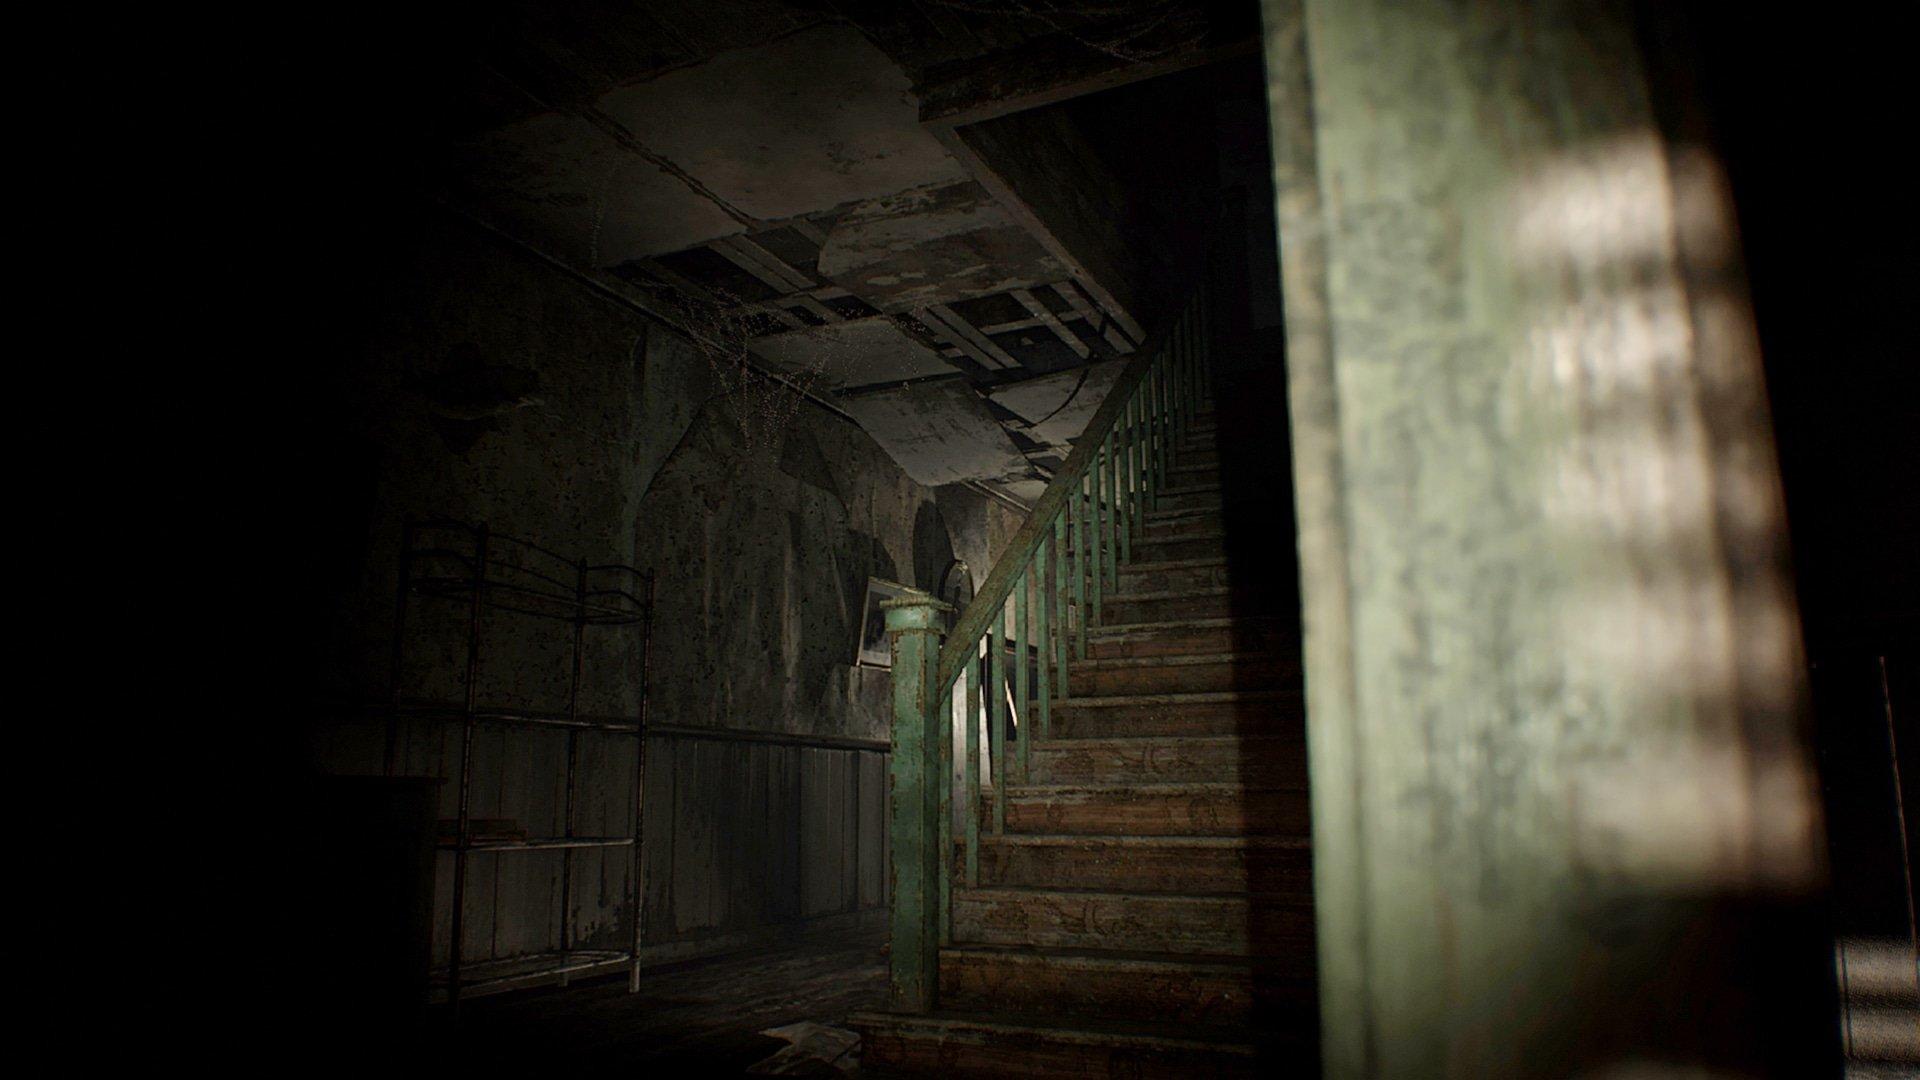 Image de l'exploration de la maison dans Resident Evil 7: Biohazard